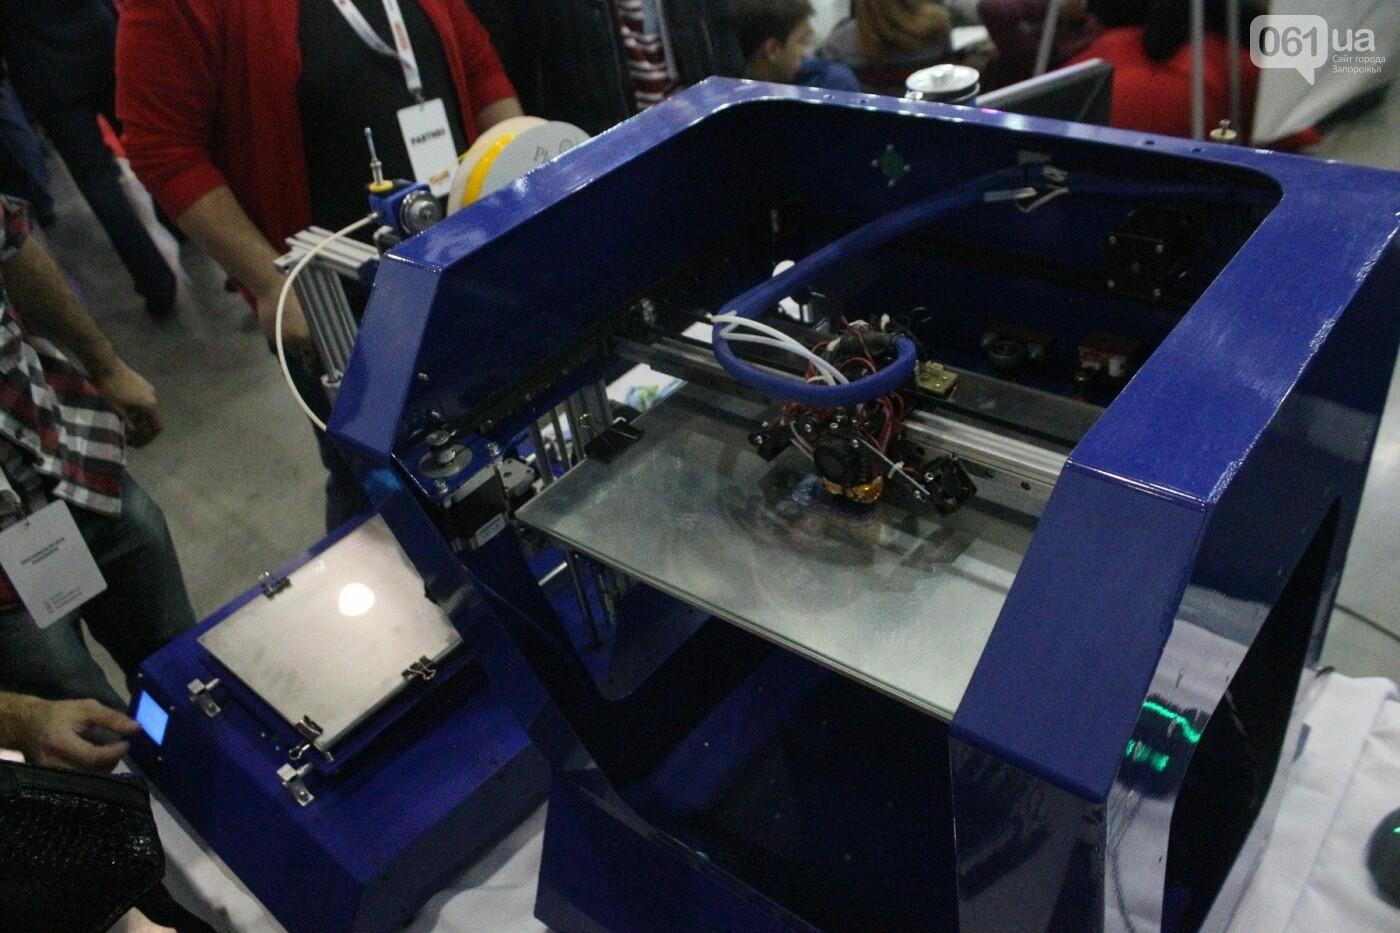 Роботы, киберспорт и спикеры-иностранцы: в Запорожье начался International IT Forum, – ФОТОРЕПОРТАЖ, фото-40